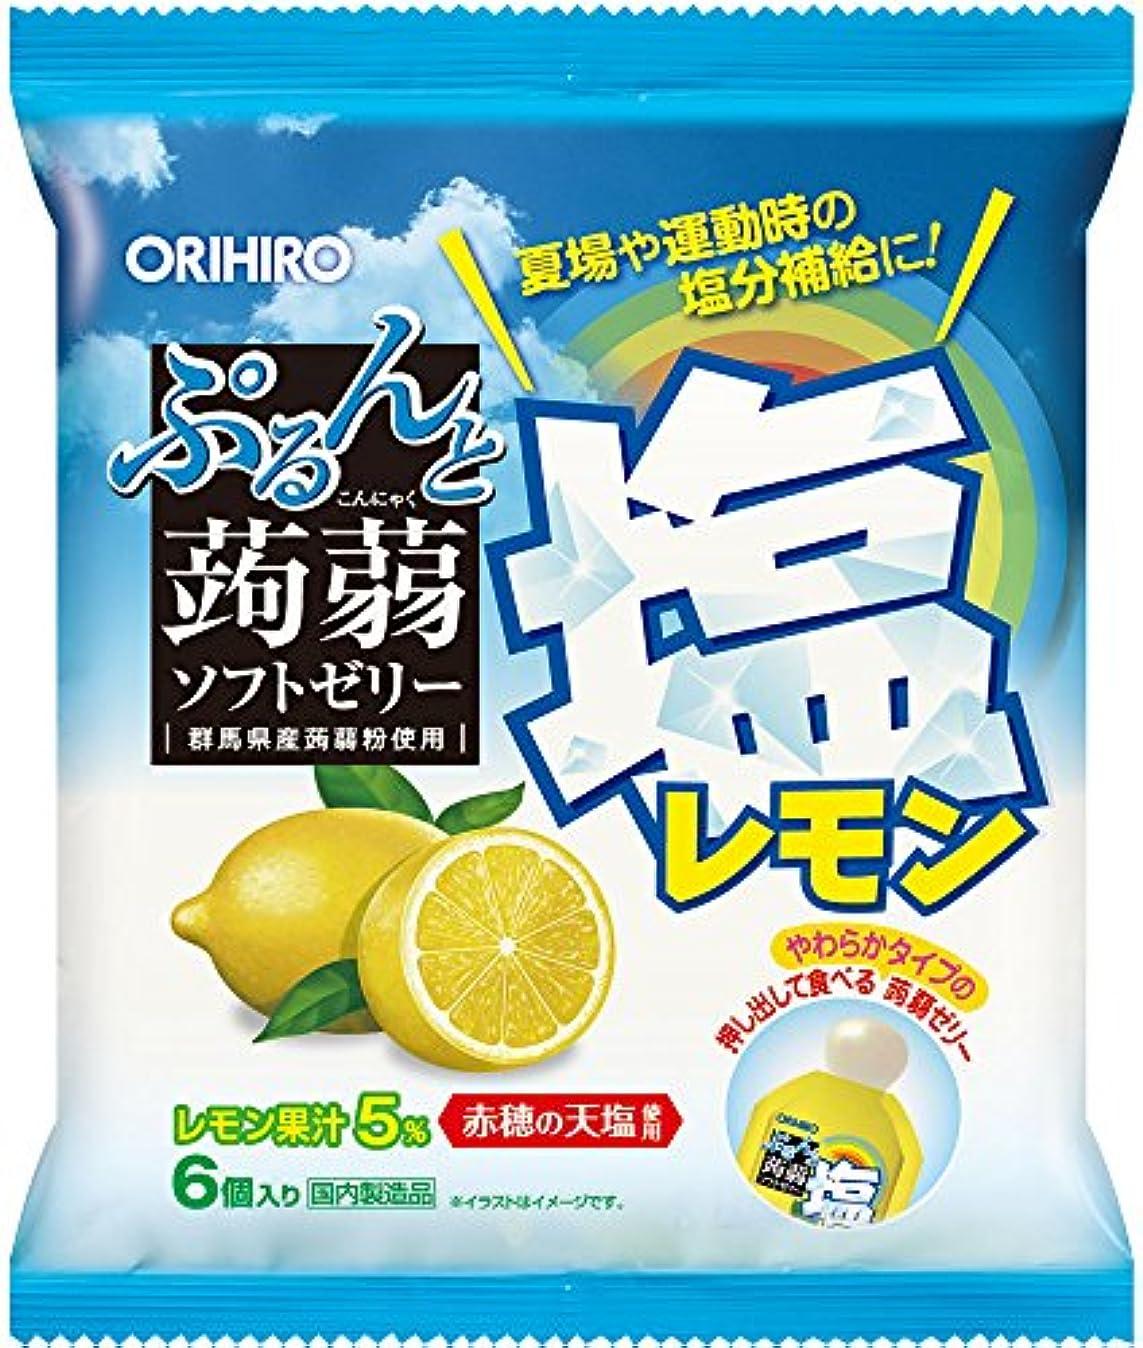 羊の忌み嫌う交じるオリヒロ ぷるんと蒟蒻ゼリー パウチ 塩レモン 6個